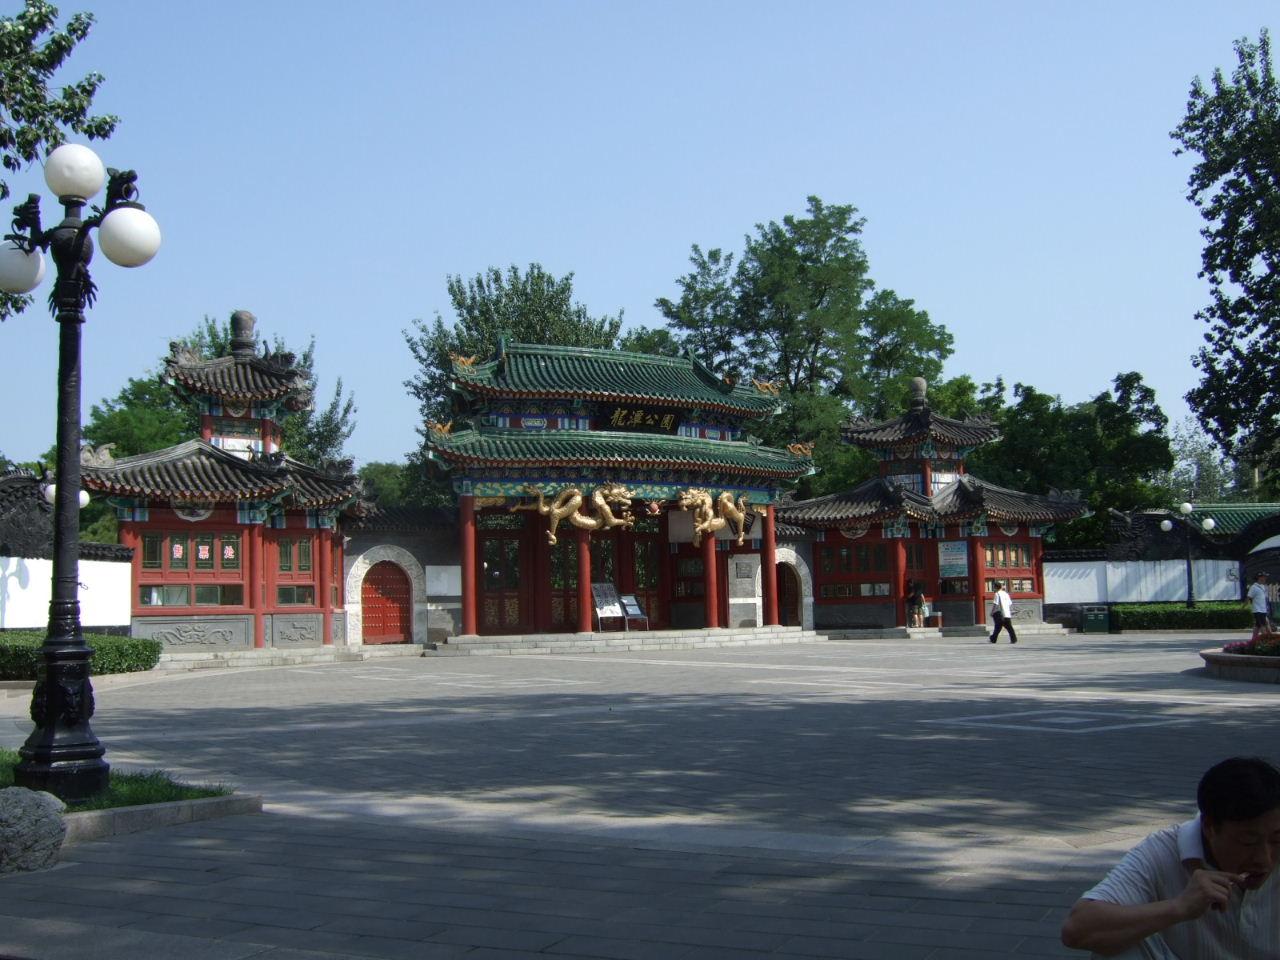 龍潭公園西北門